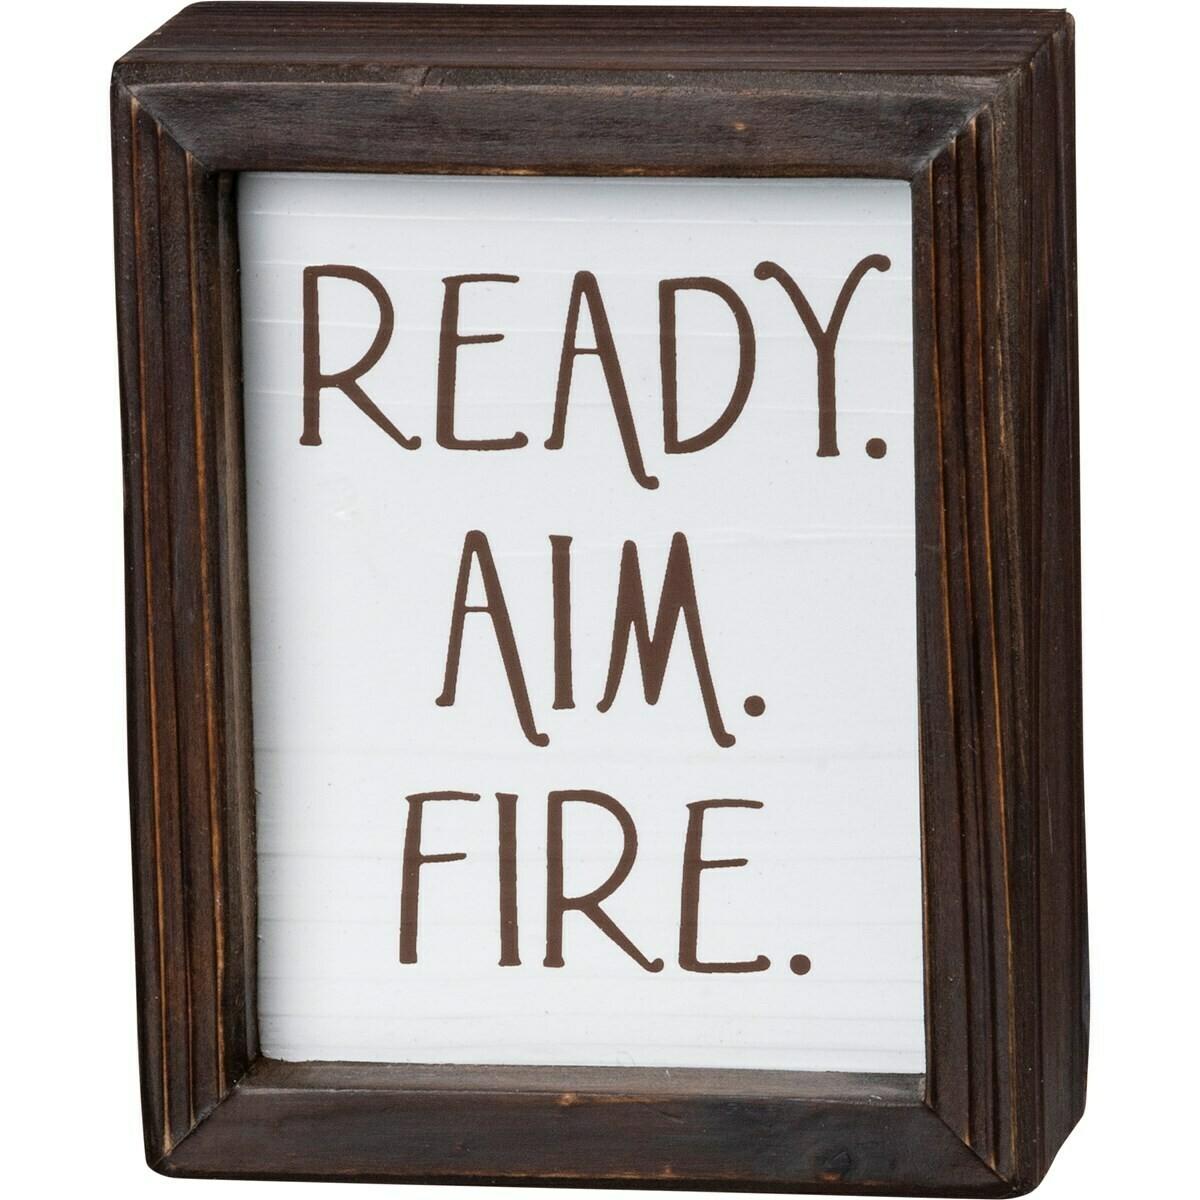 Ready Aim Fire Box Sign